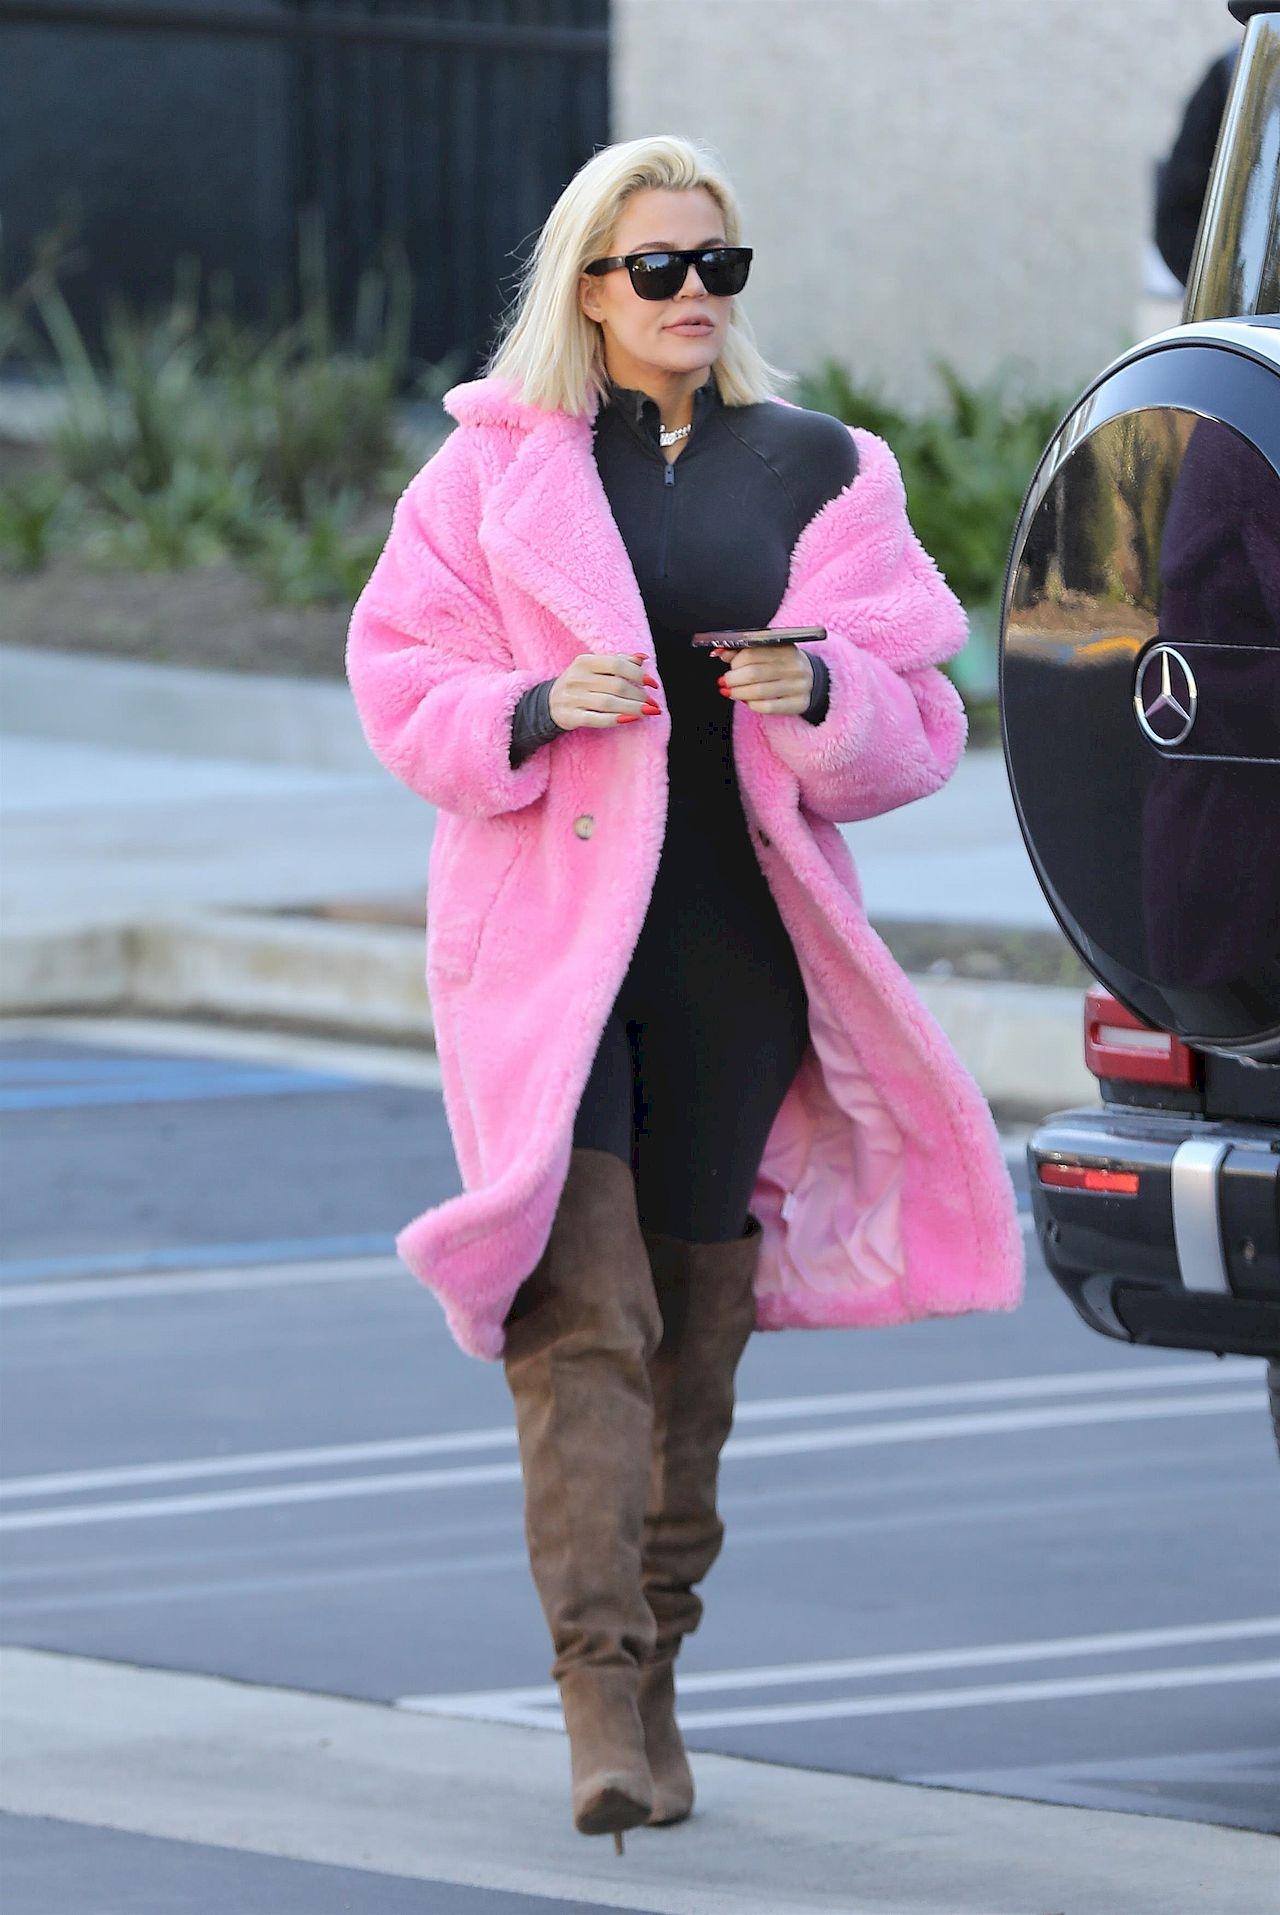 *EXCLUSIVE* Khloe Kardashian rocks a pink fur coat to Kanye's office in Calabasas Khloe Kardashian